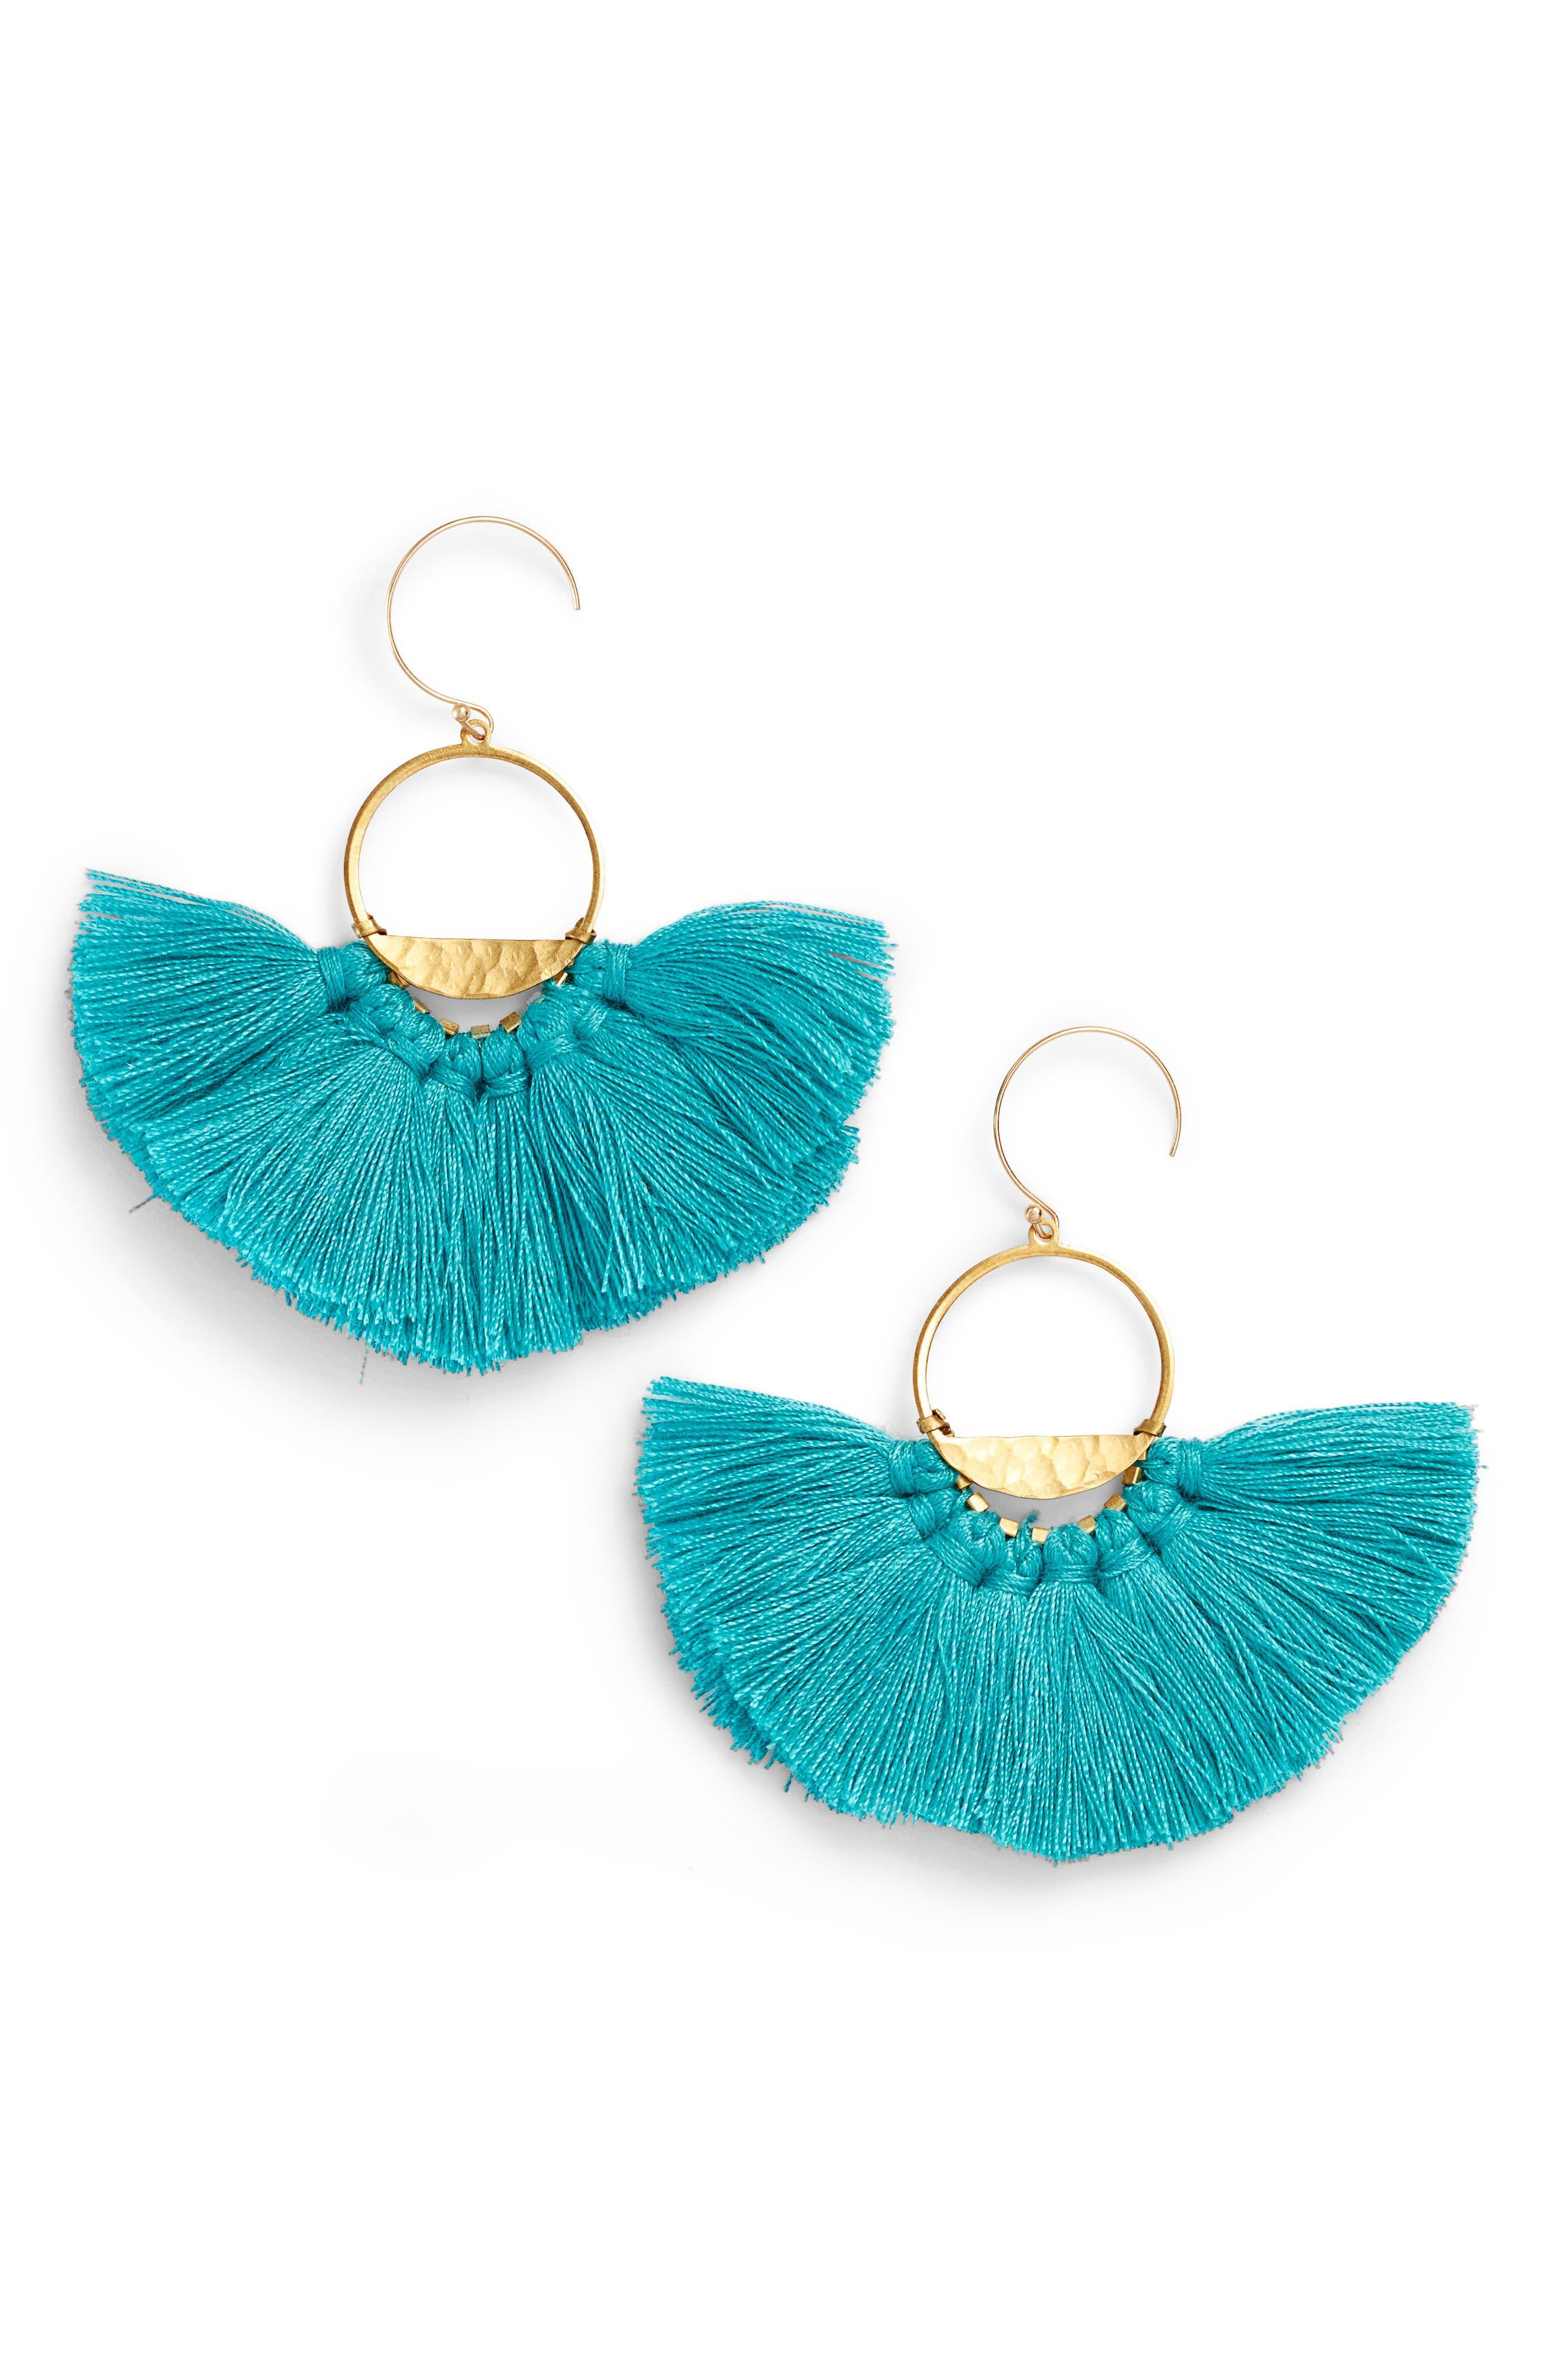 Flutter Tassel Earrings,                             Main thumbnail 1, color,                             Turquoise/ Gold